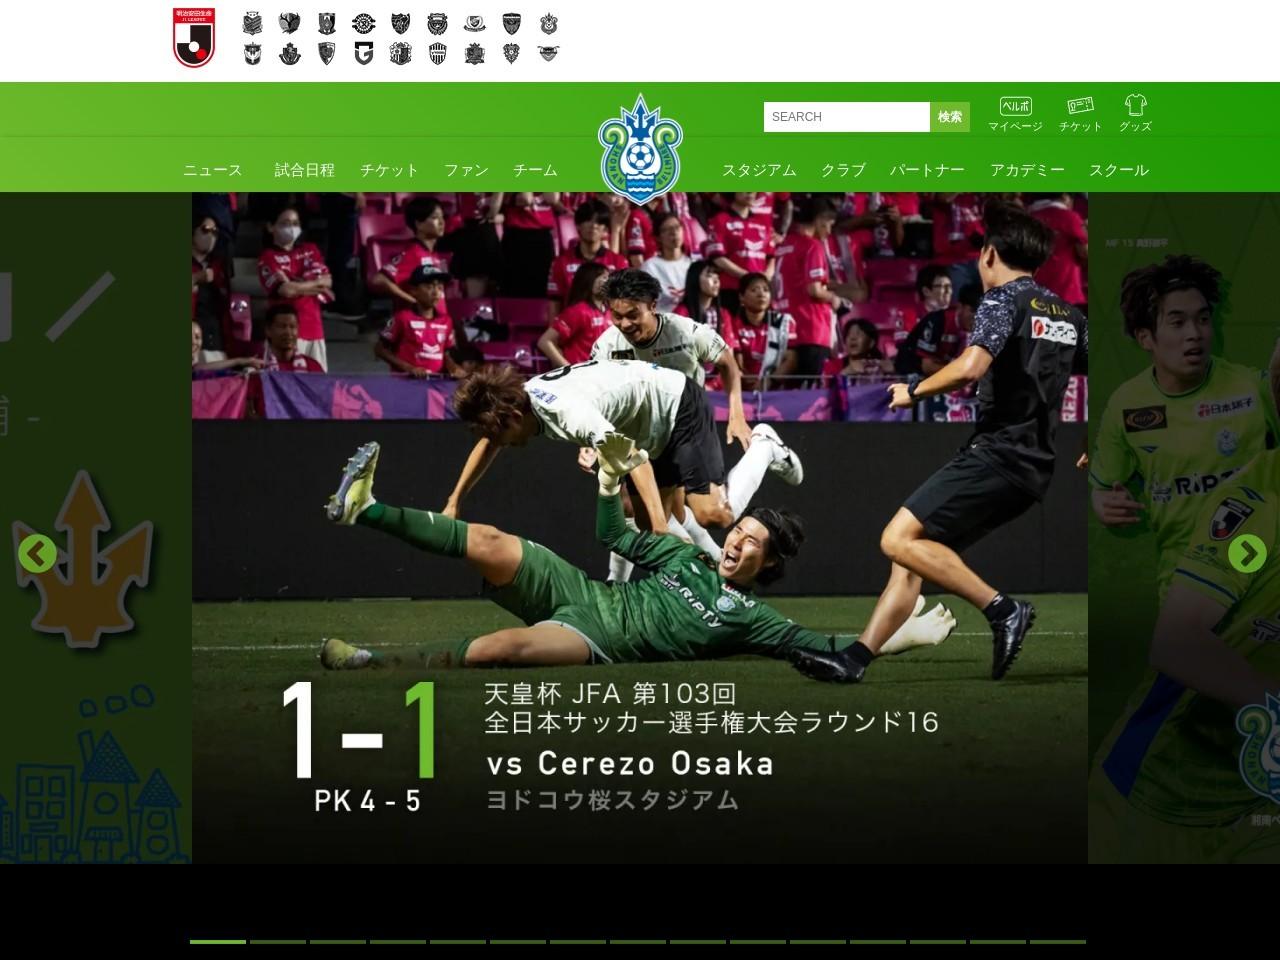 http://www.bellmare.co.jp/177079